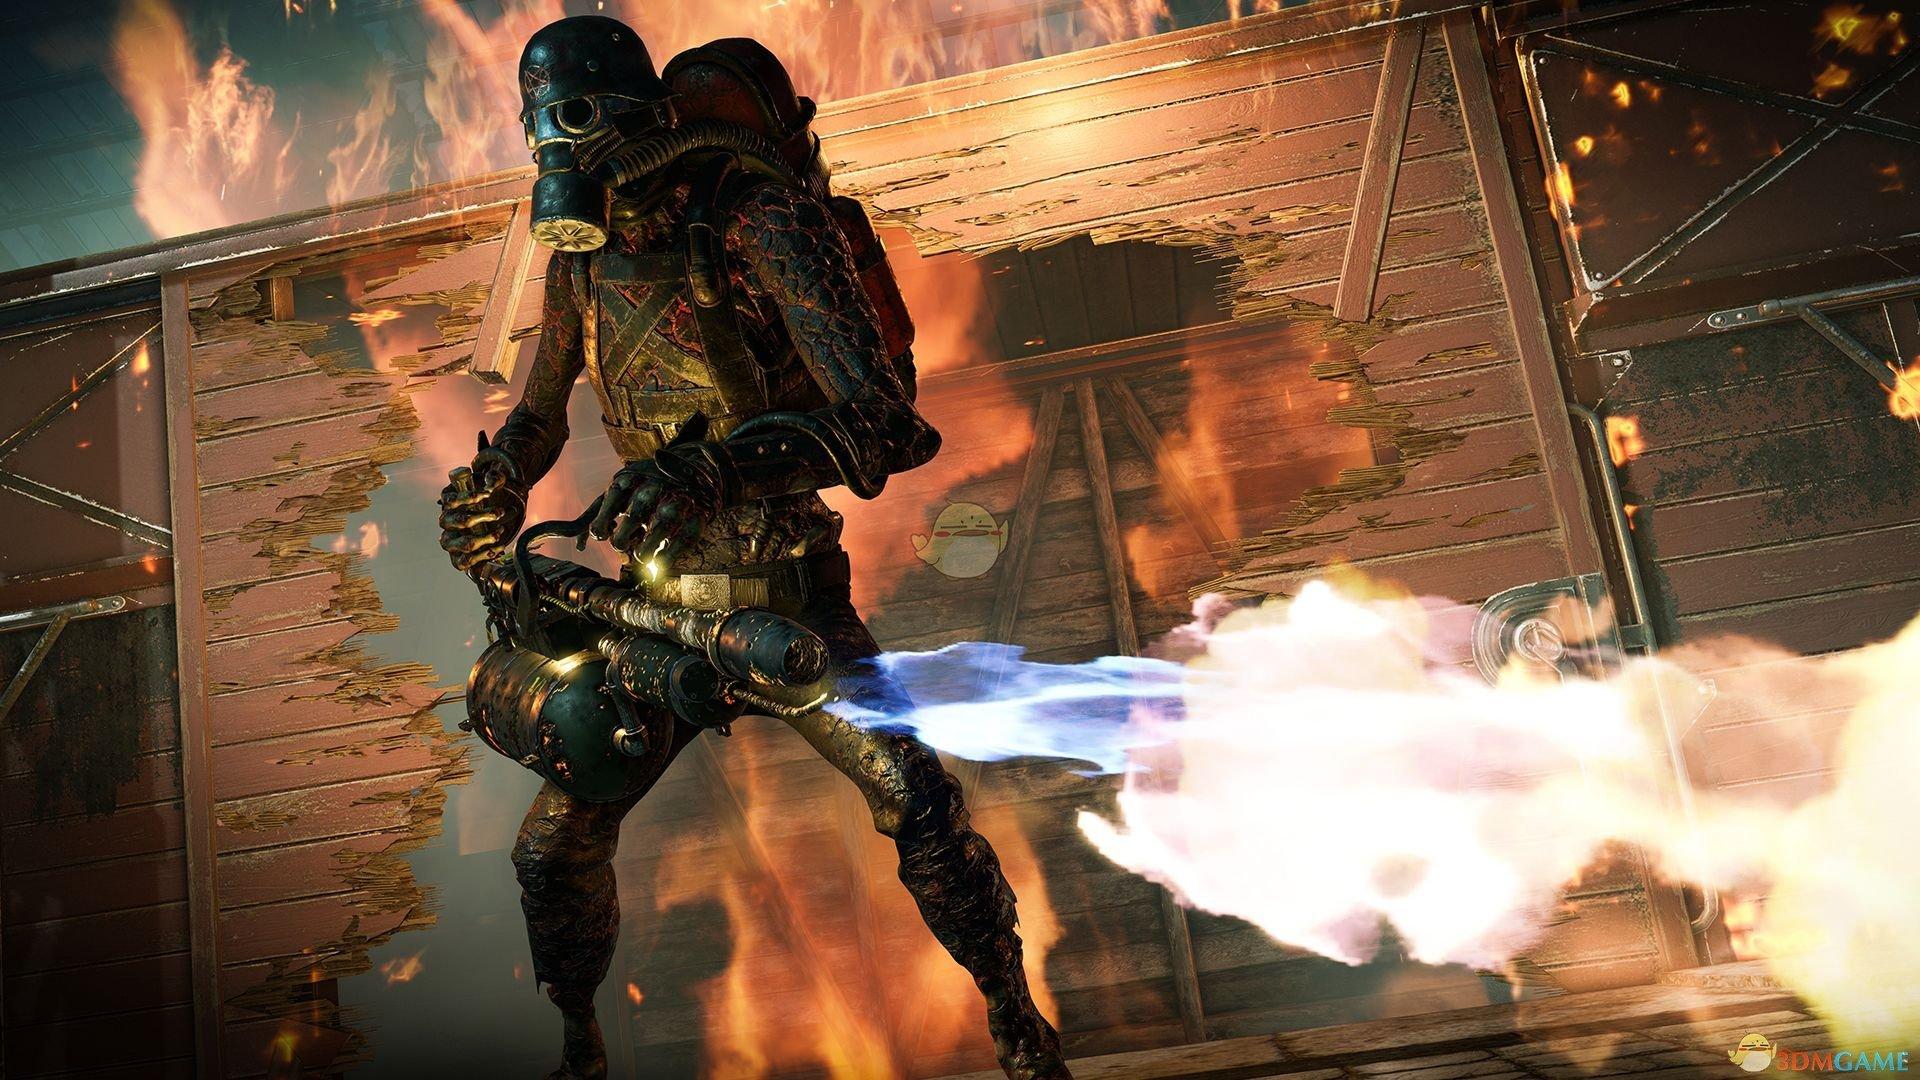 《僵尸部队4:死亡战争》游戏特色介绍